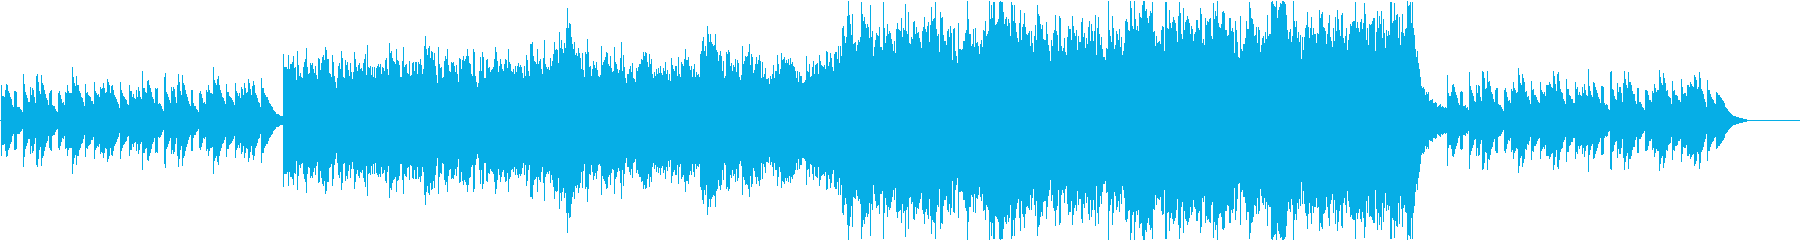 切ないピアノと感動系オーケストラの再生済みの波形